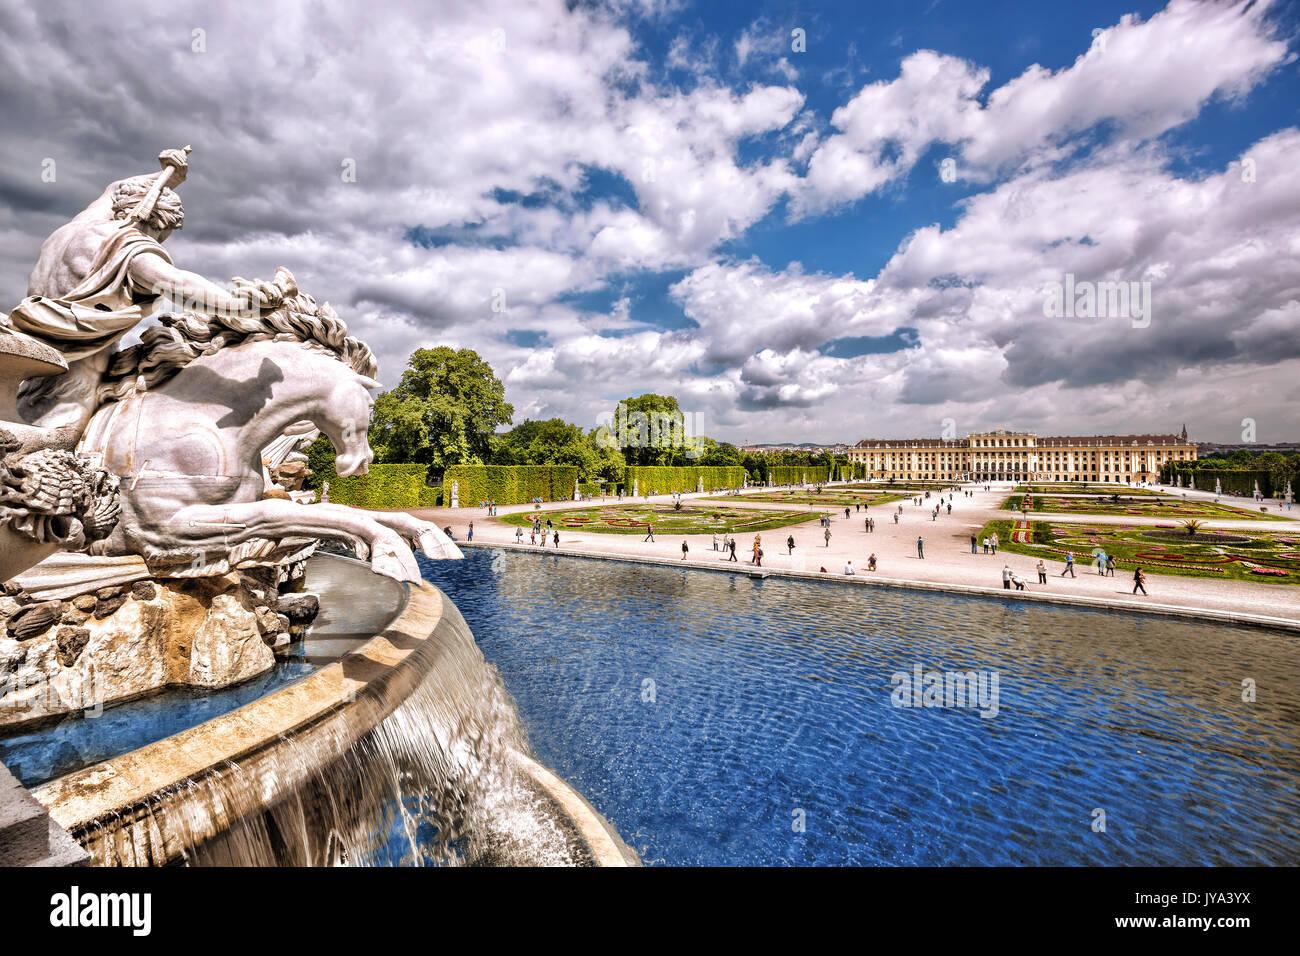 Famoso Palazzo di Schonbrunn con fontana nel giardino, Vienna, Austria Immagini Stock